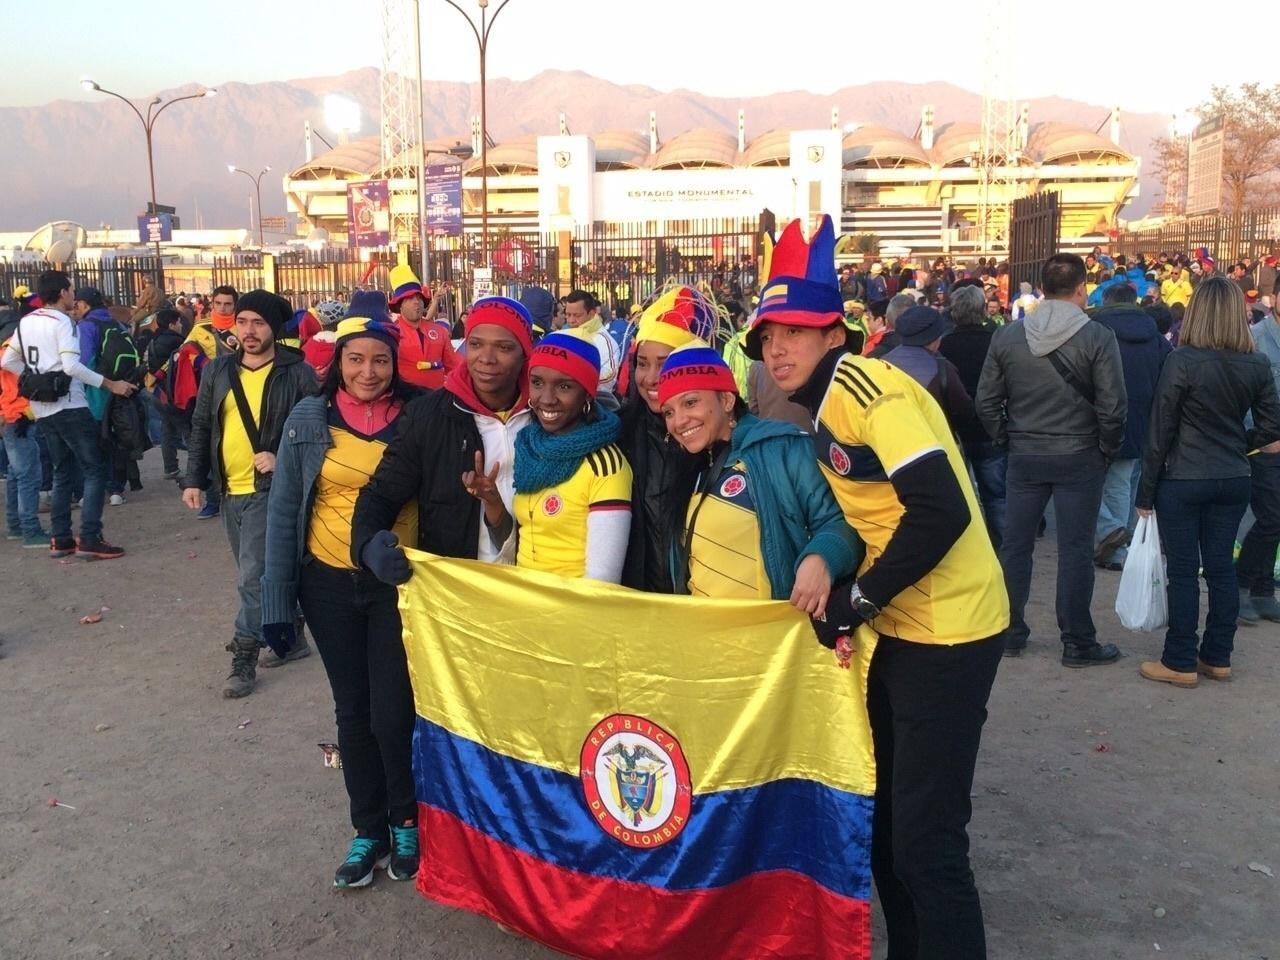 Torcedores colombianos são maioria no entorno do estádio Monumental antes do jogo entre Brasil x Colômbia